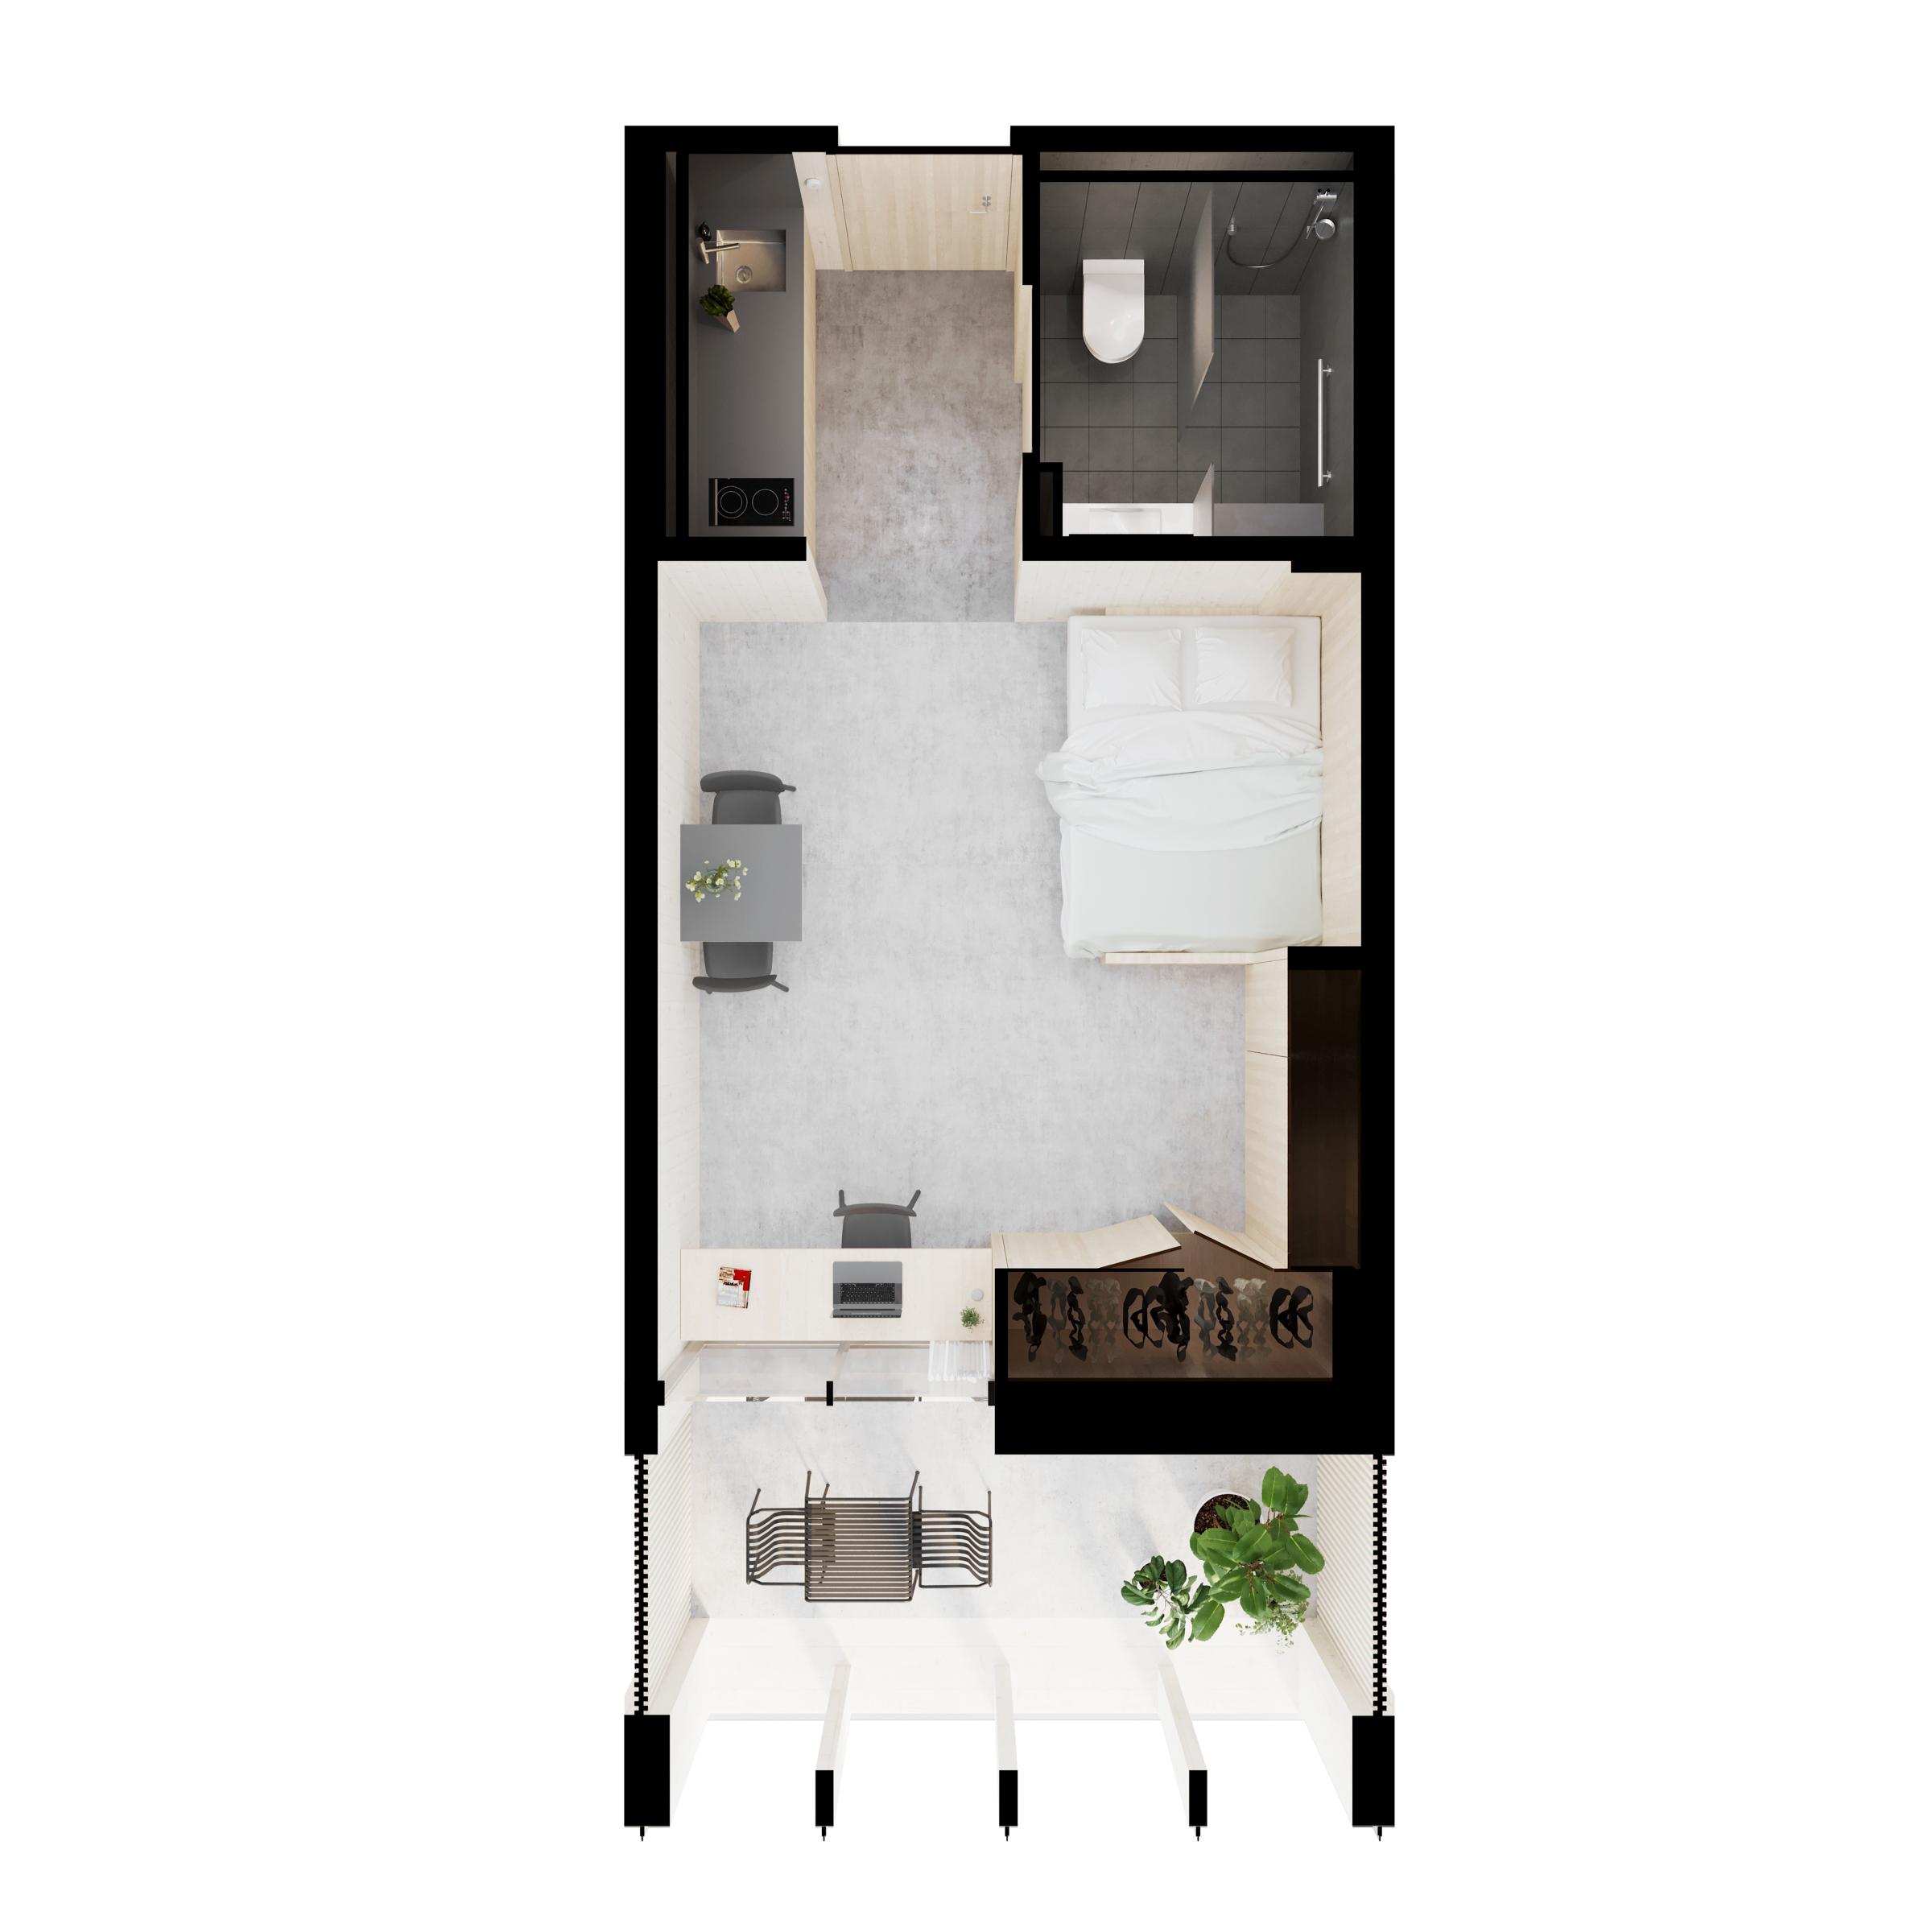 gh3 - SWL - Units - Studio - 3D Plan